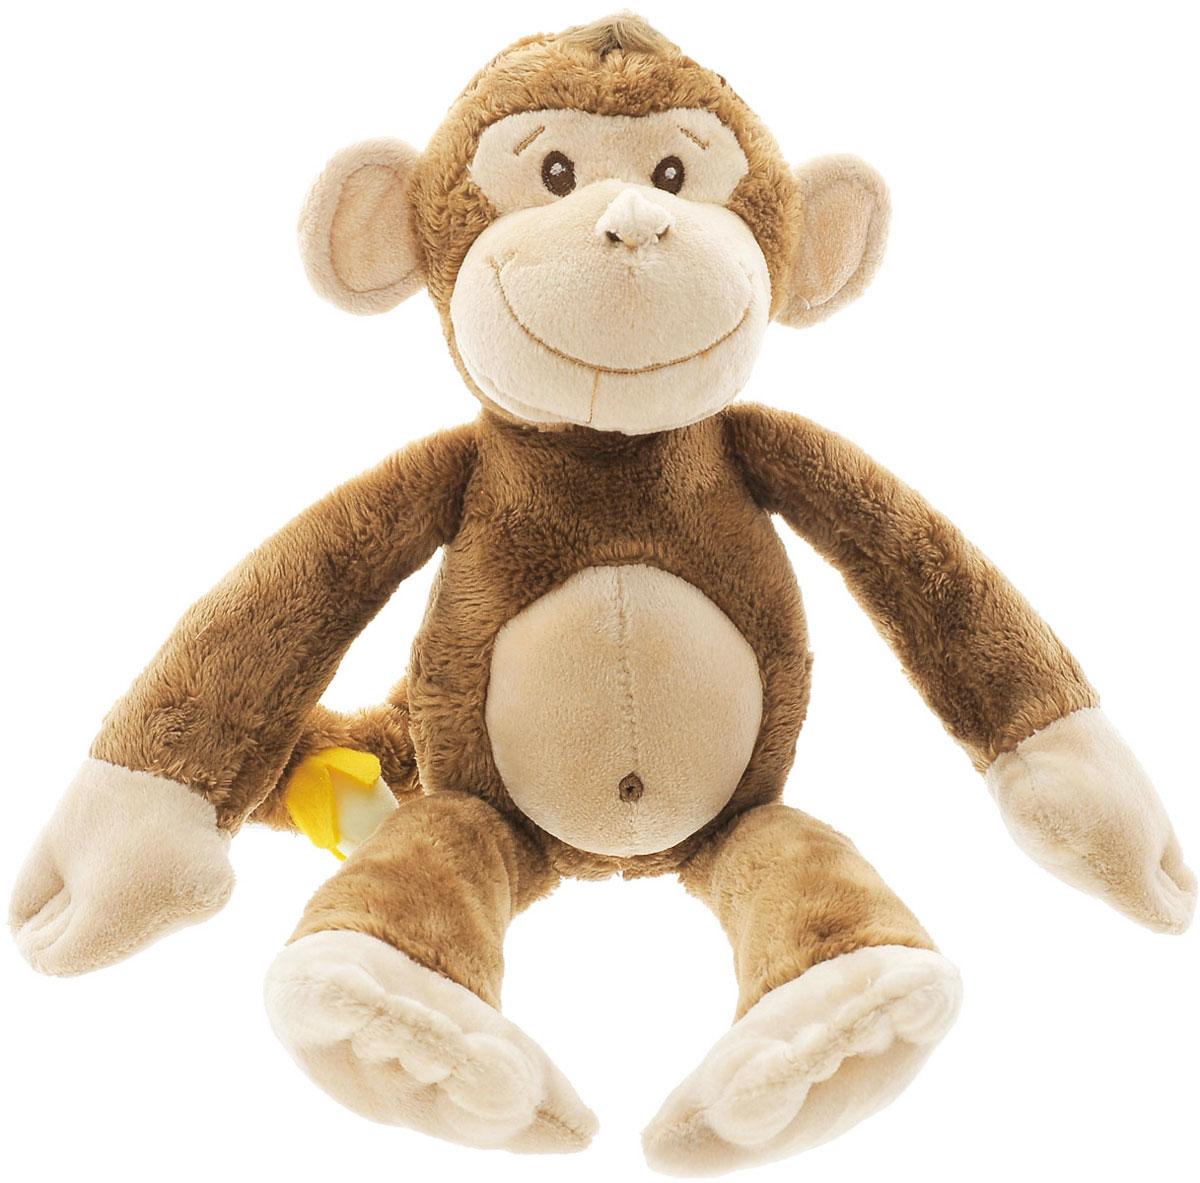 собраны игрушка с обезьянками картинка интересная техника